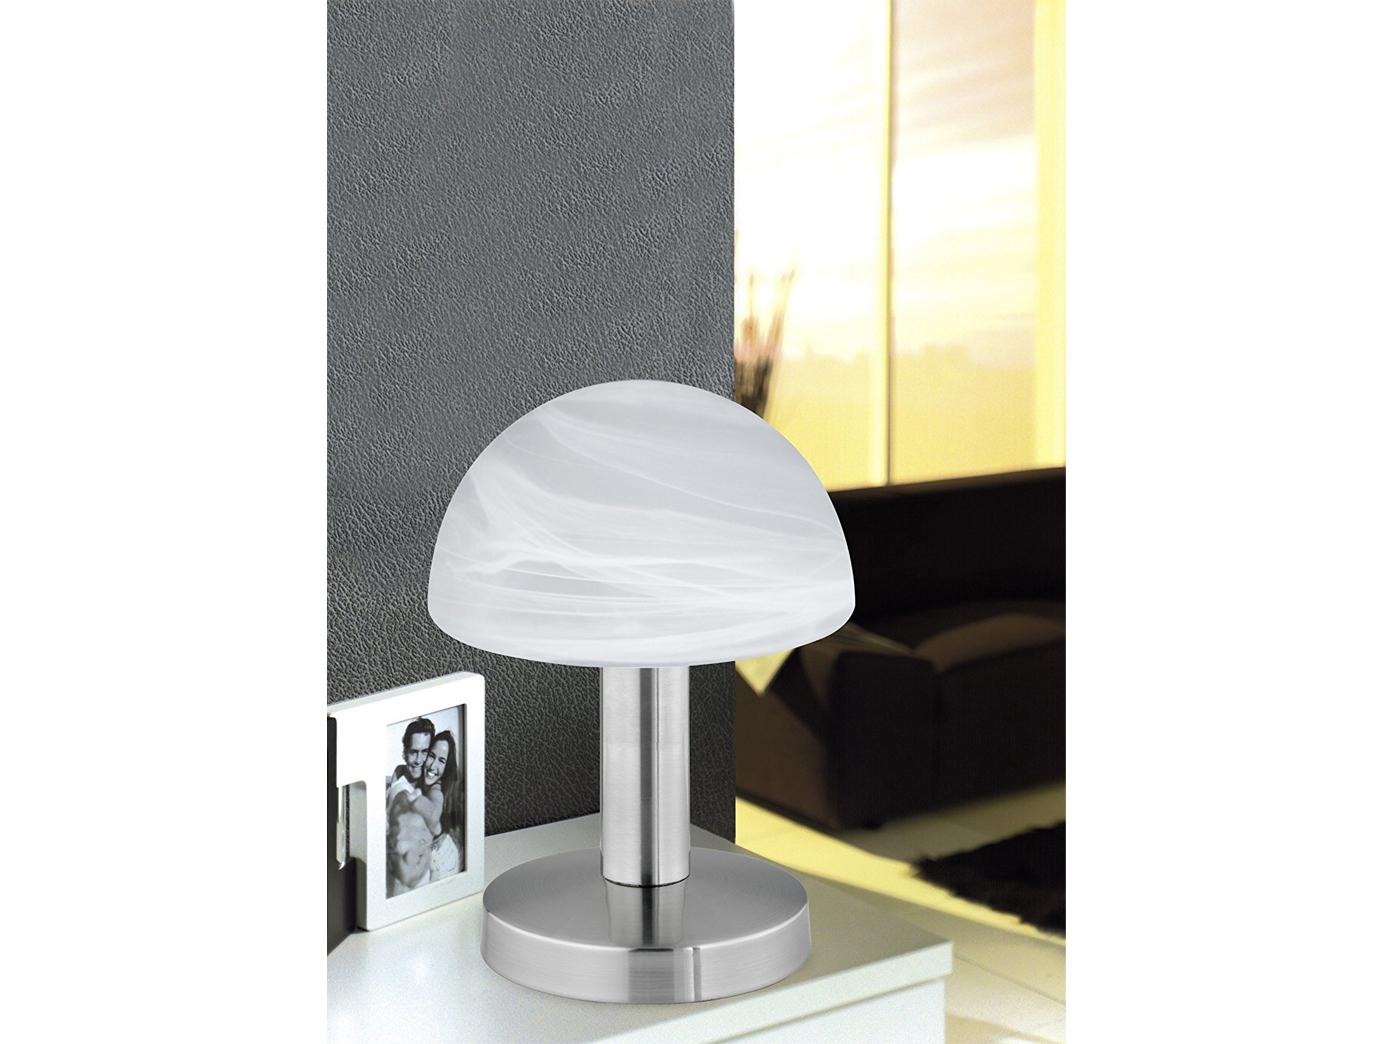 Touch Nachttischlampen Mit Glasschirm Weiss Dimmbare Led Lampen Furs Schlafzimmer Kaufen Bei Setpoint Deutschland Gmbh